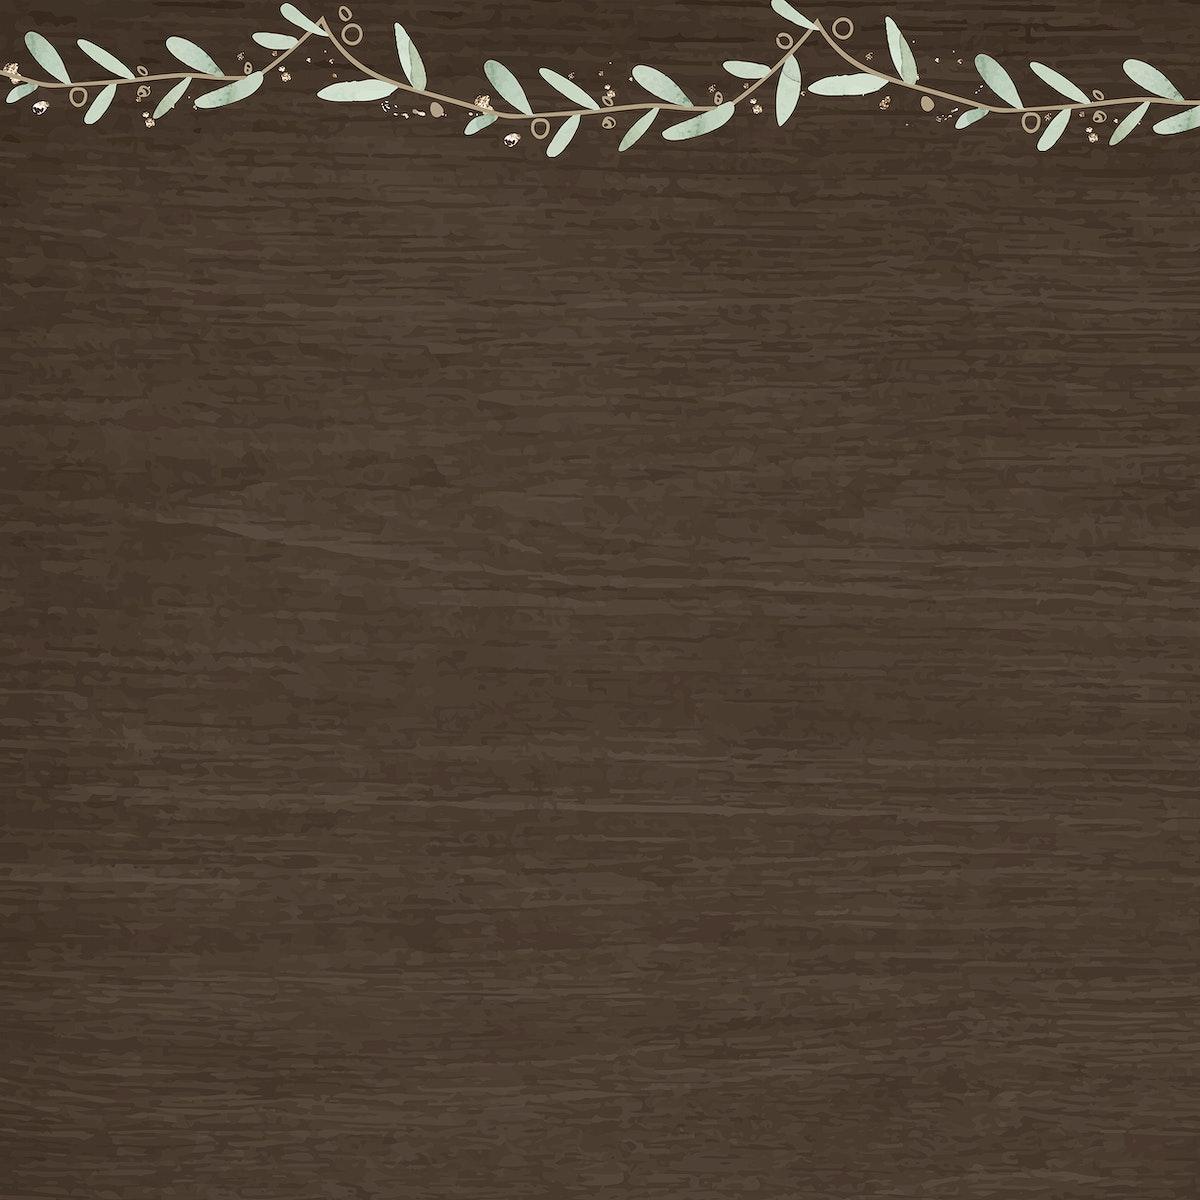 Leaf on brown background vector